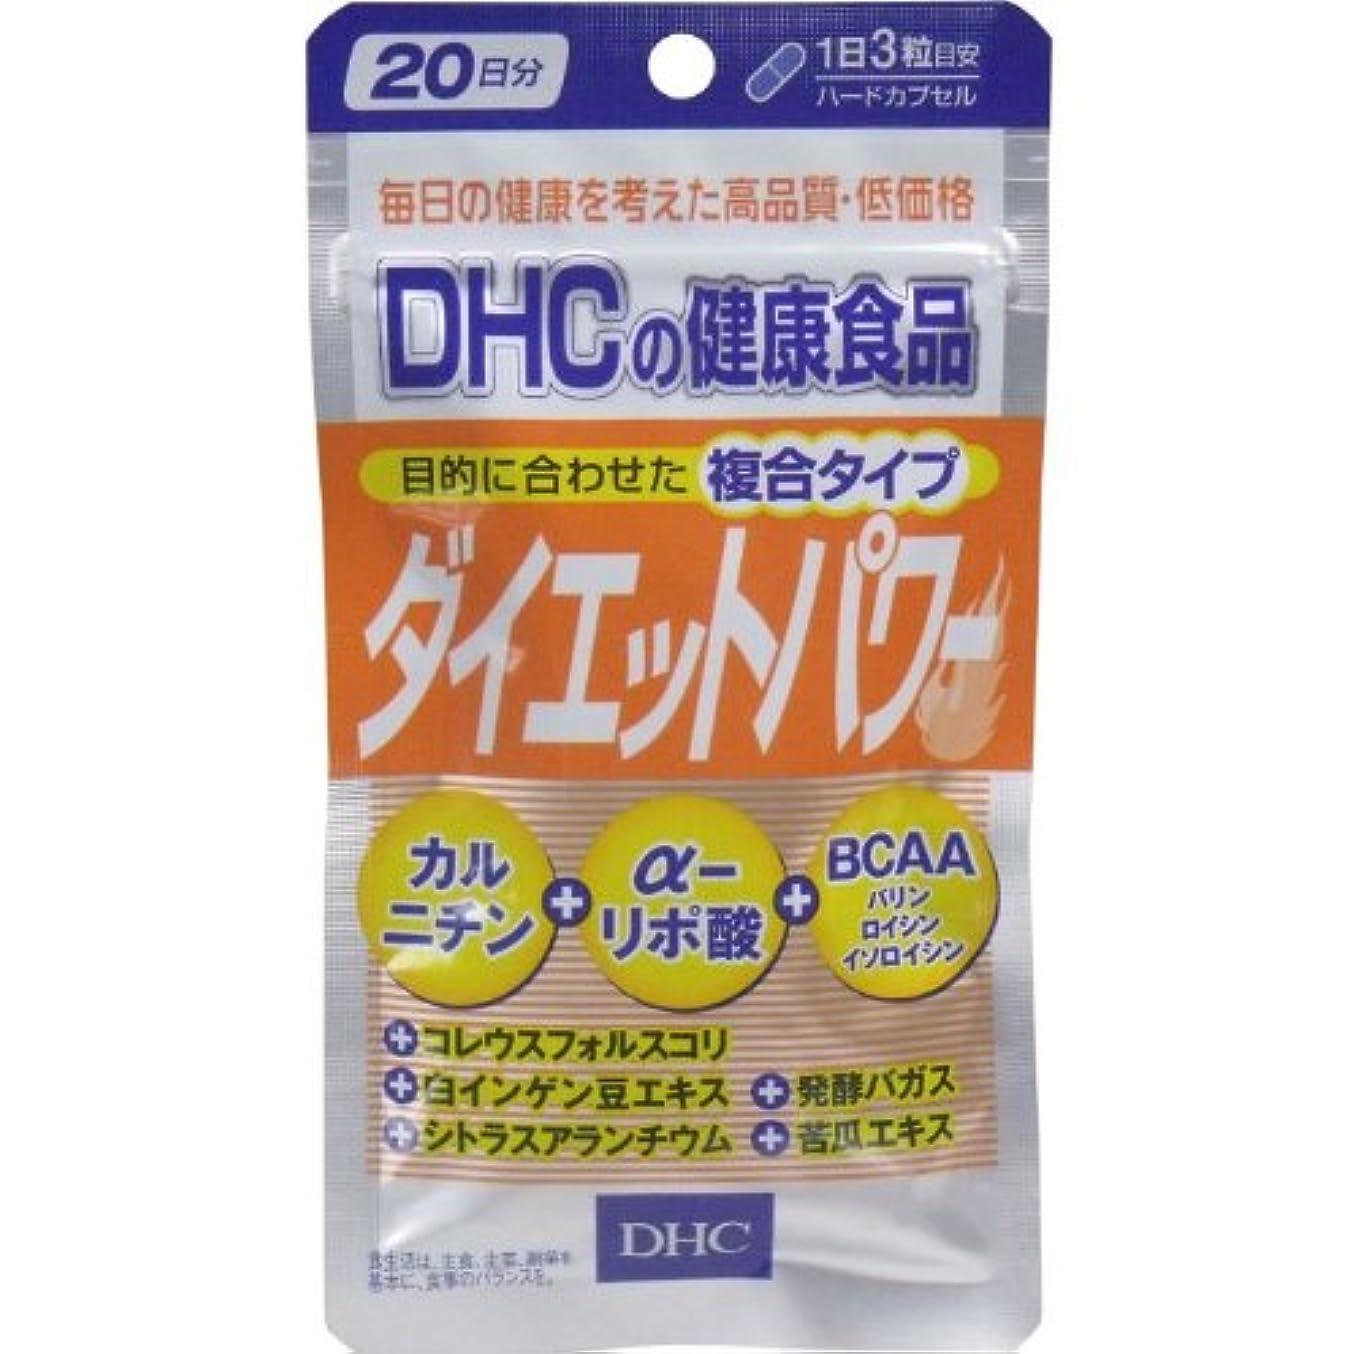 約設定ガレージ気を散らすDHC ダイエットパワー 60粒入 20日分【5個セット】